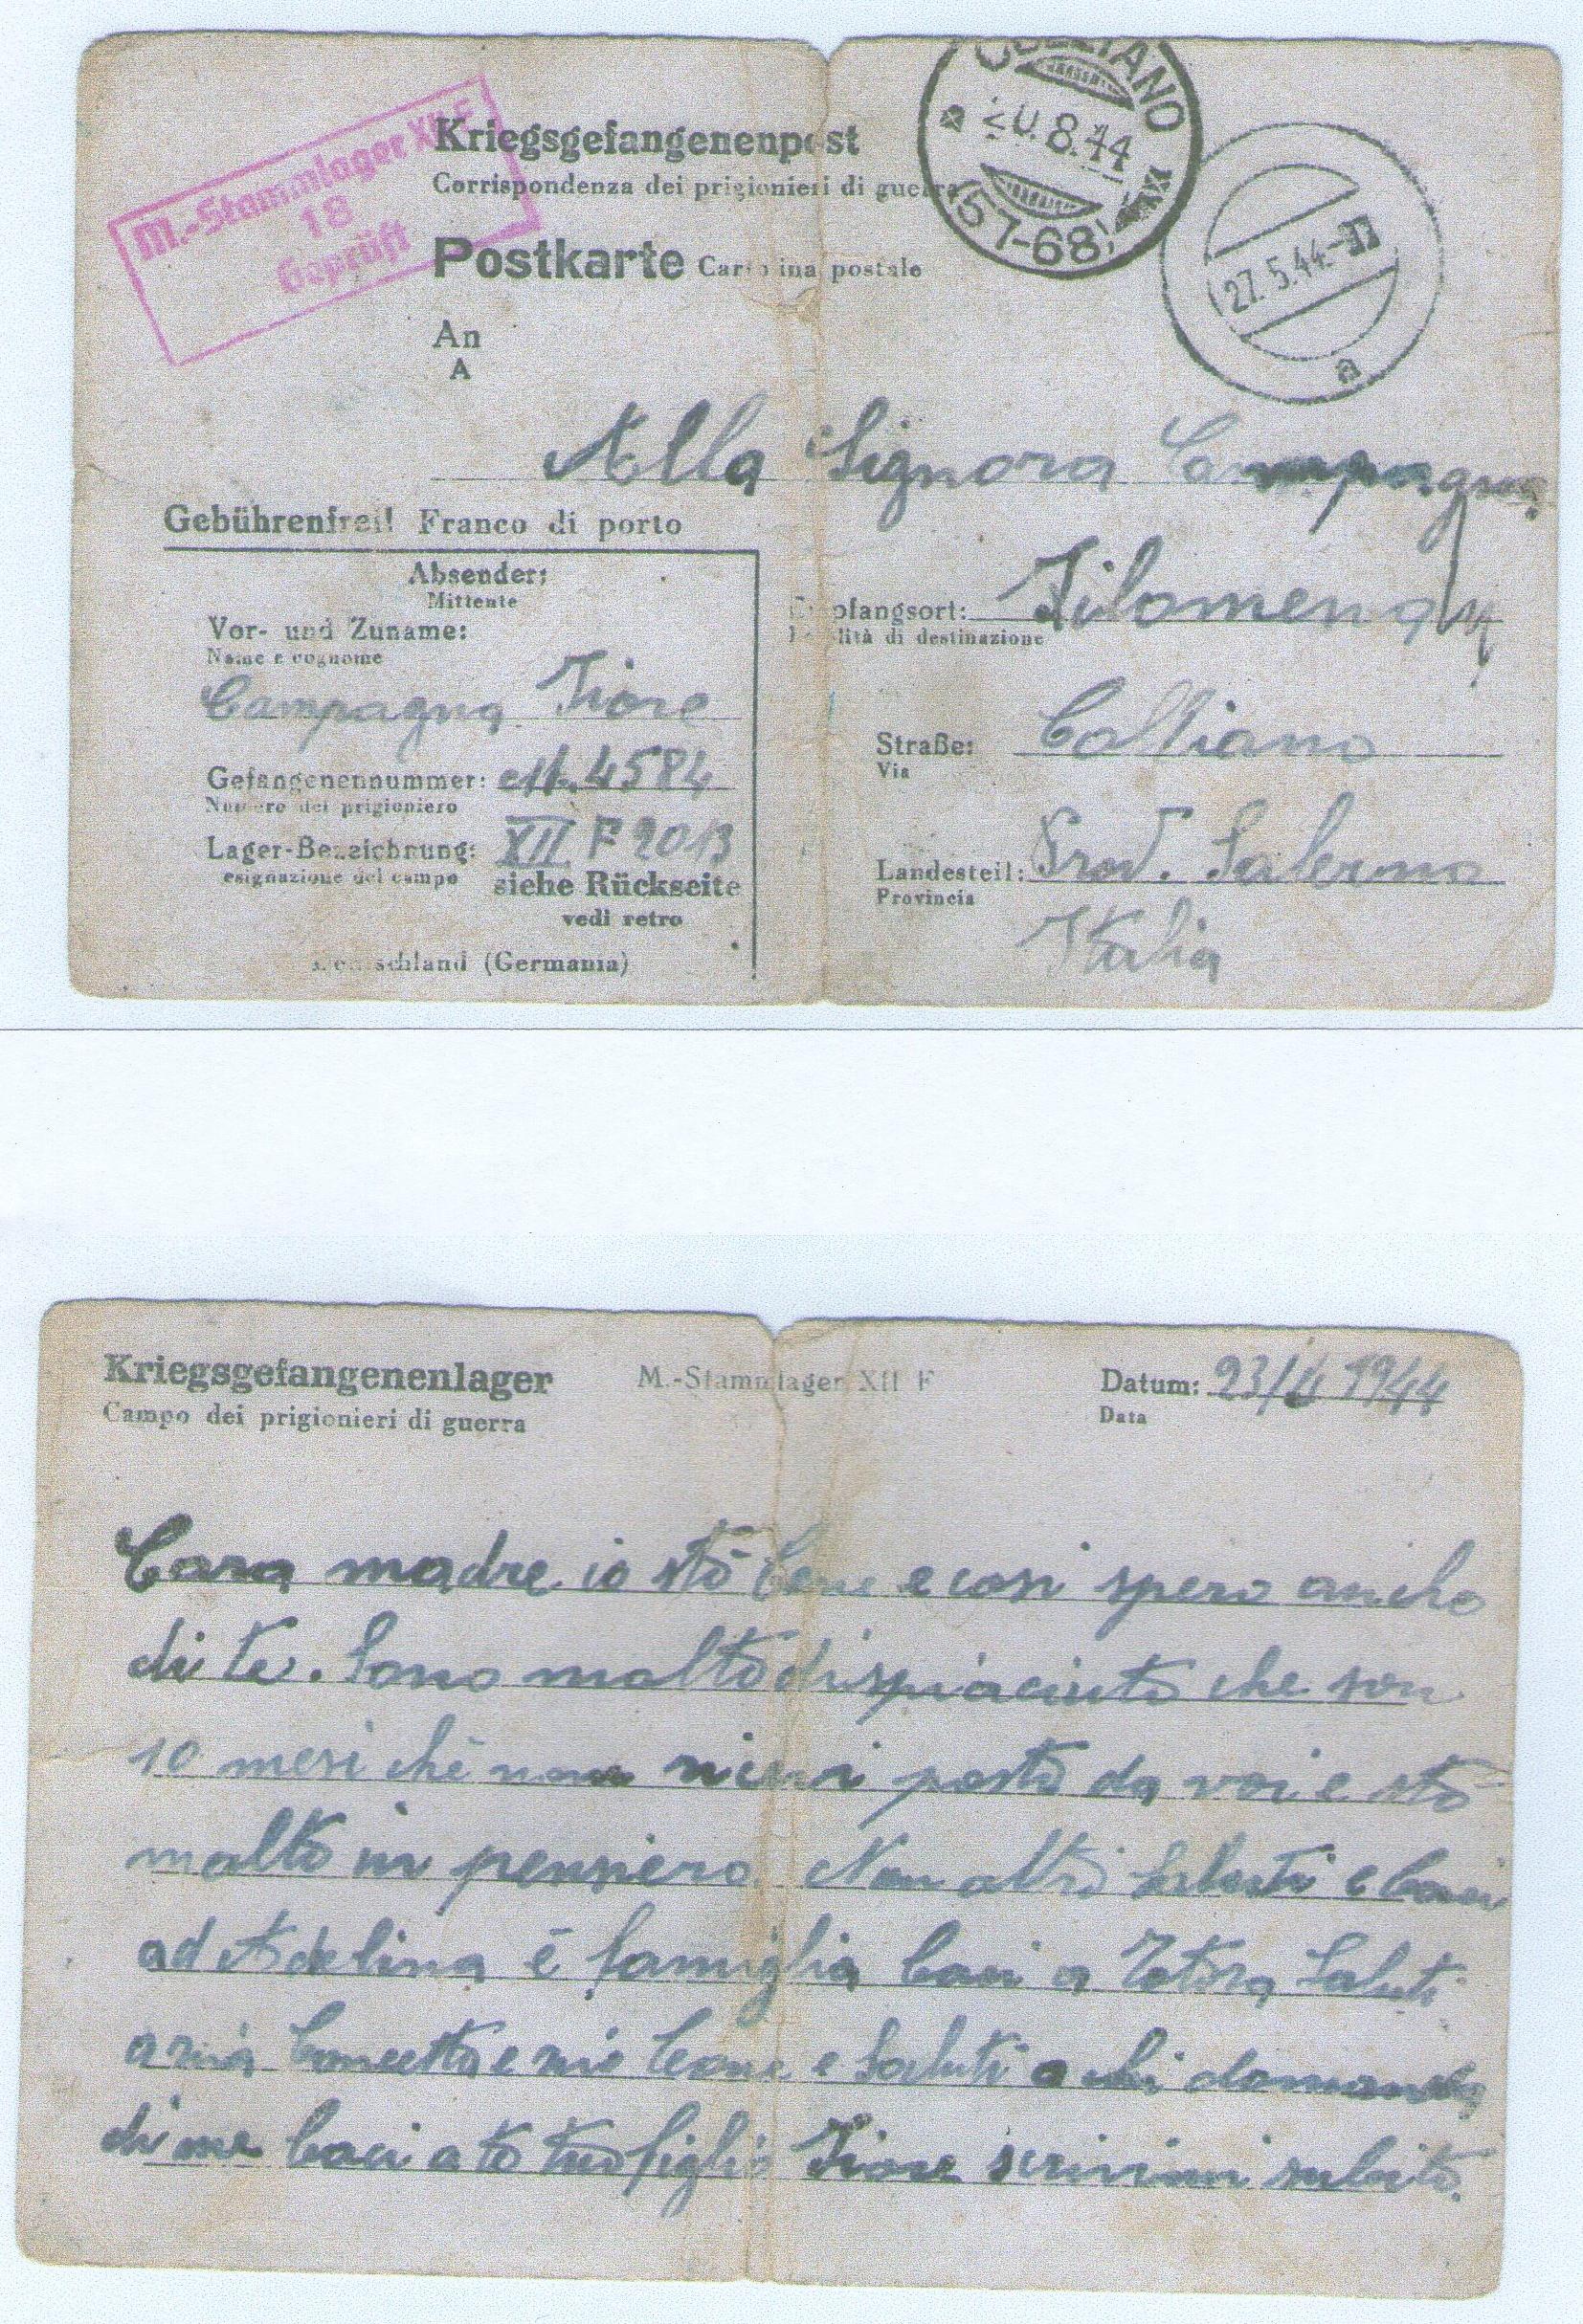 Cartolina dalla prigionia